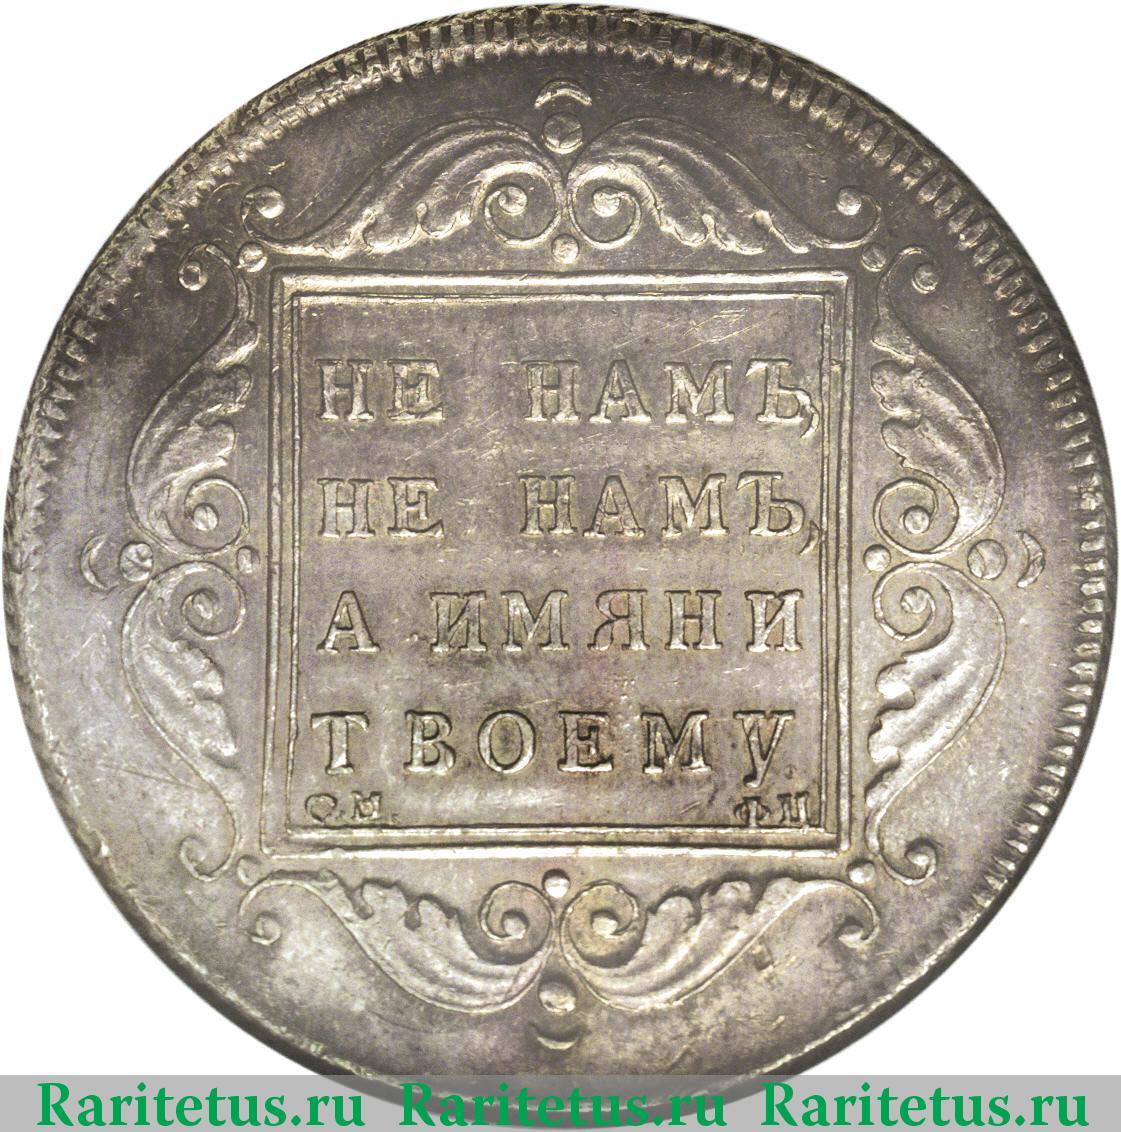 Стоимость монеты 1796 года 1 рубль павел толщина купюры 1000 рублей